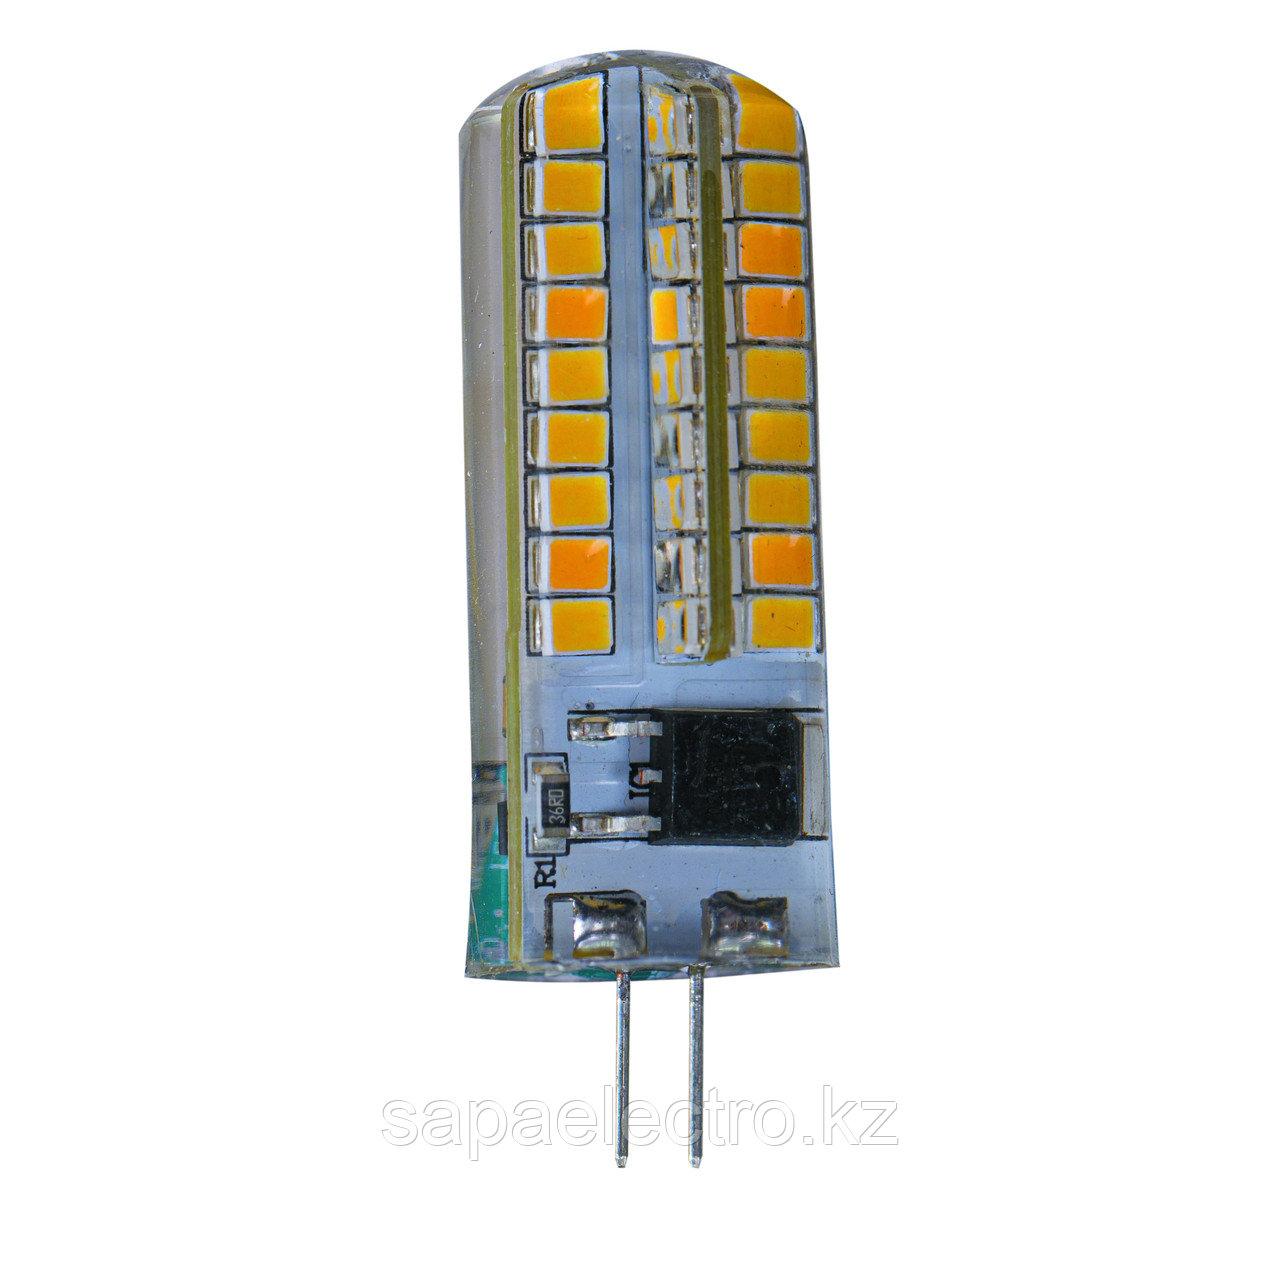 Lampa KAPSUL LED G4 5W 420LM 6000K (TL)500sht